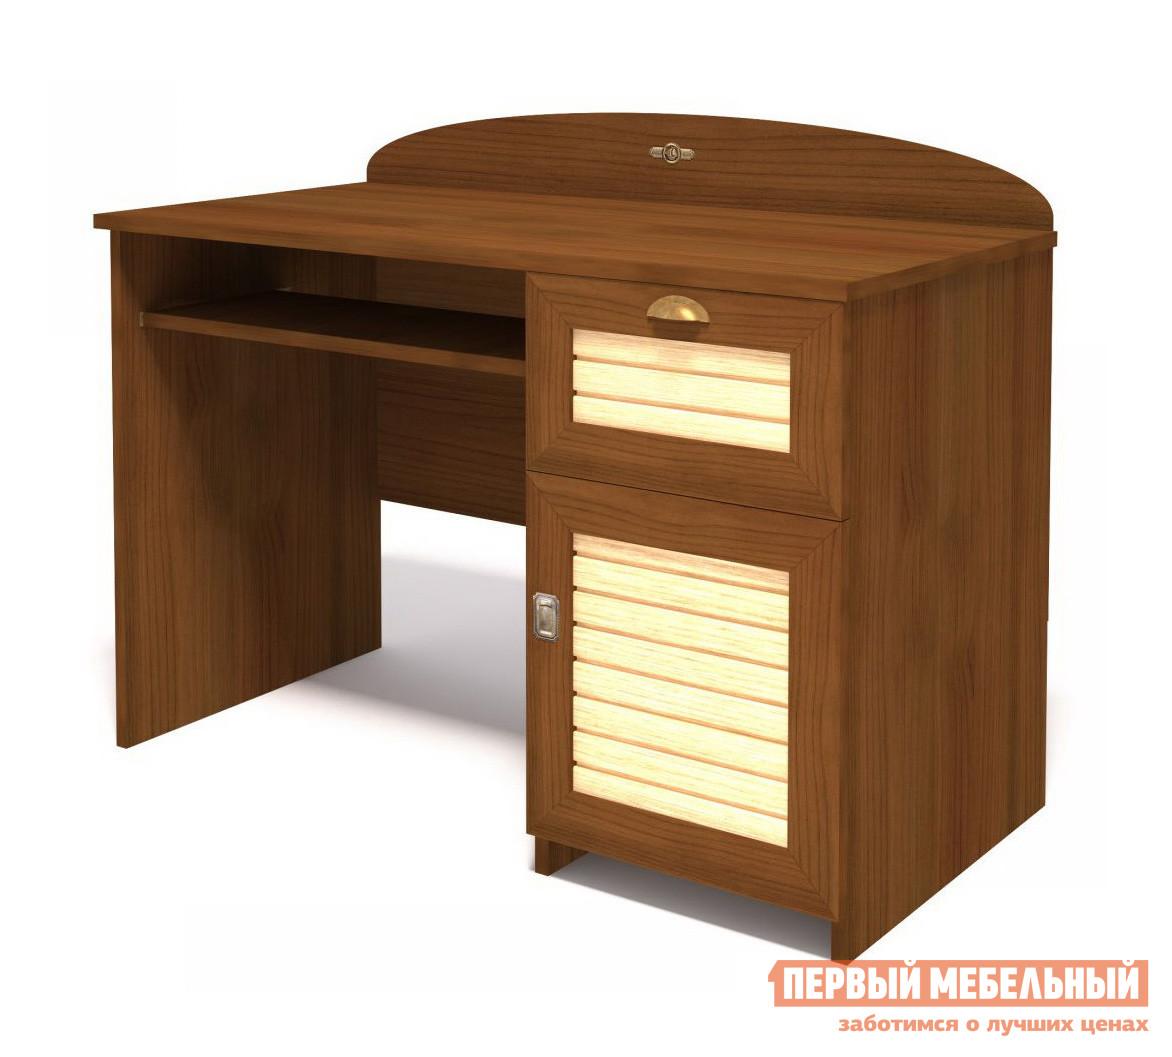 Письменный стол детский ТД Арника ИД 01.23 детская кровать тд арника ид 01 250а